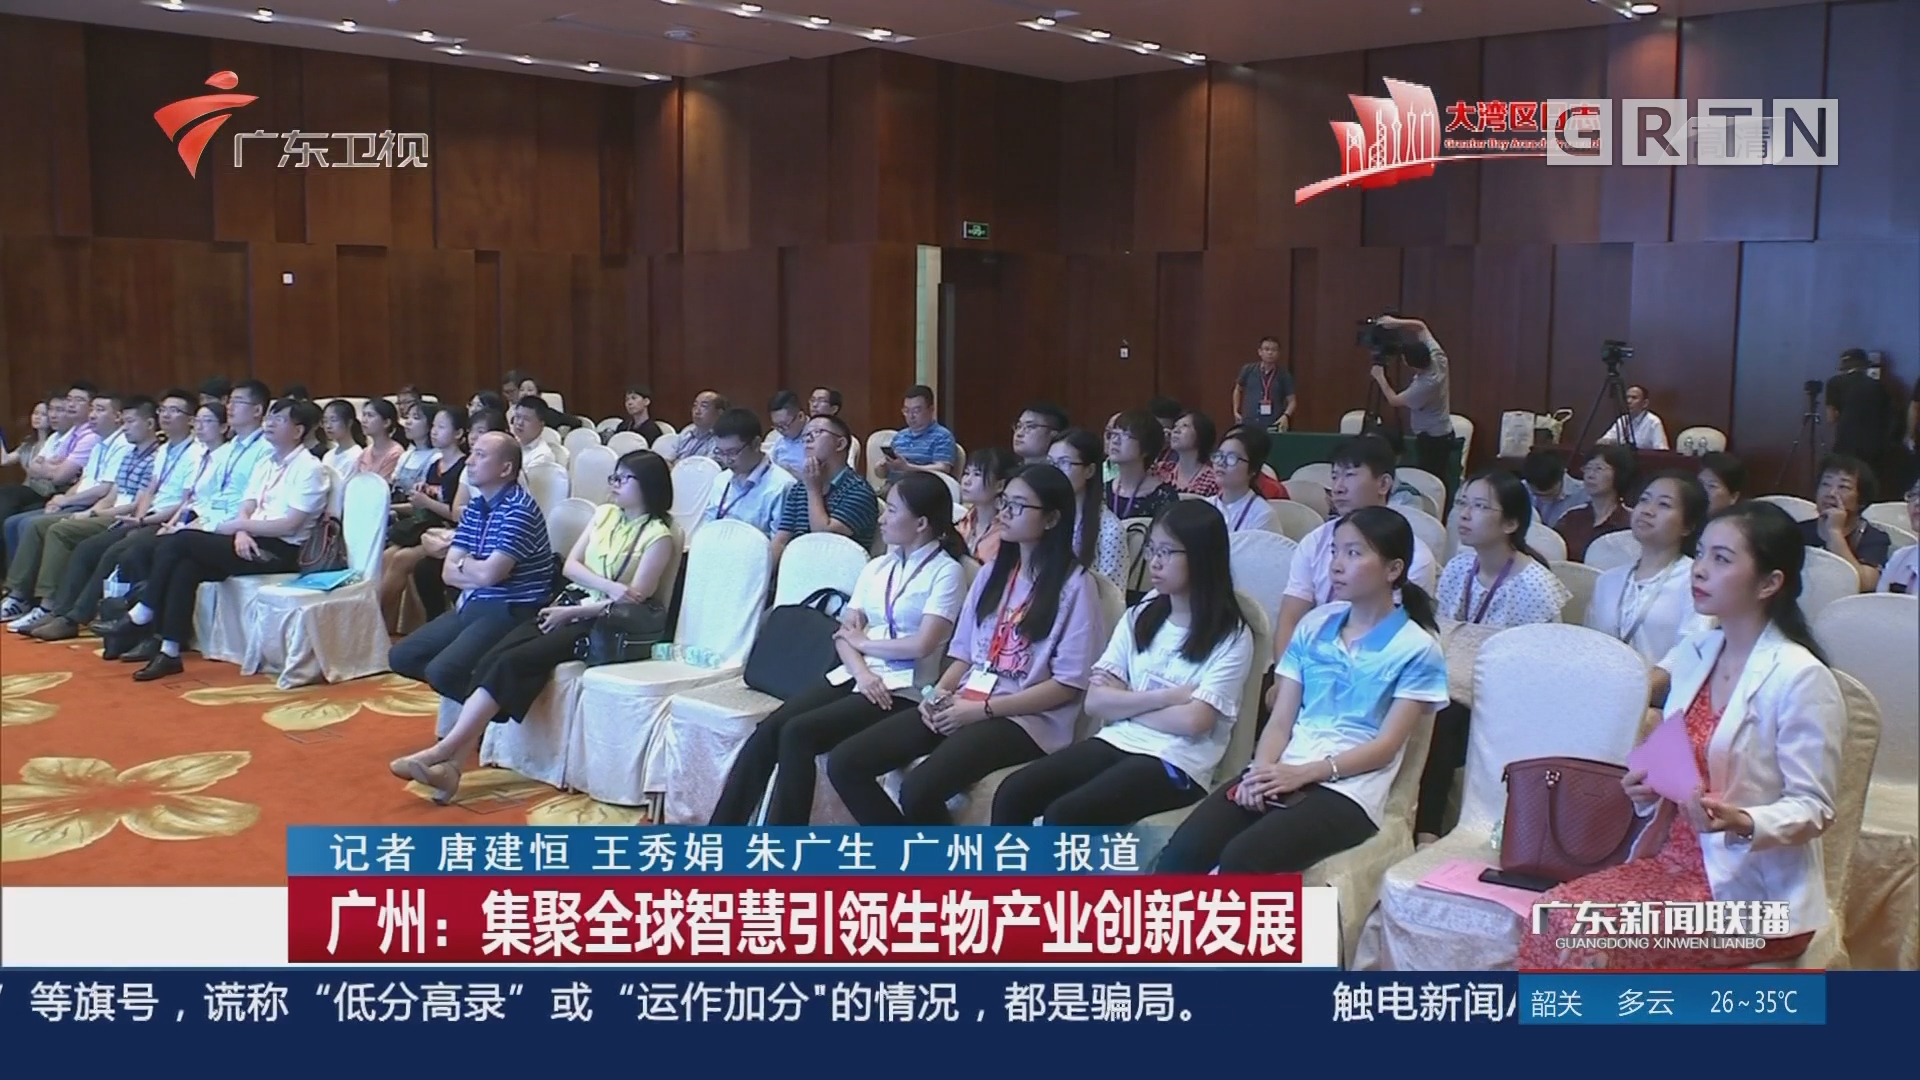 广州:集聚全球智慧引领生物产业创新发展